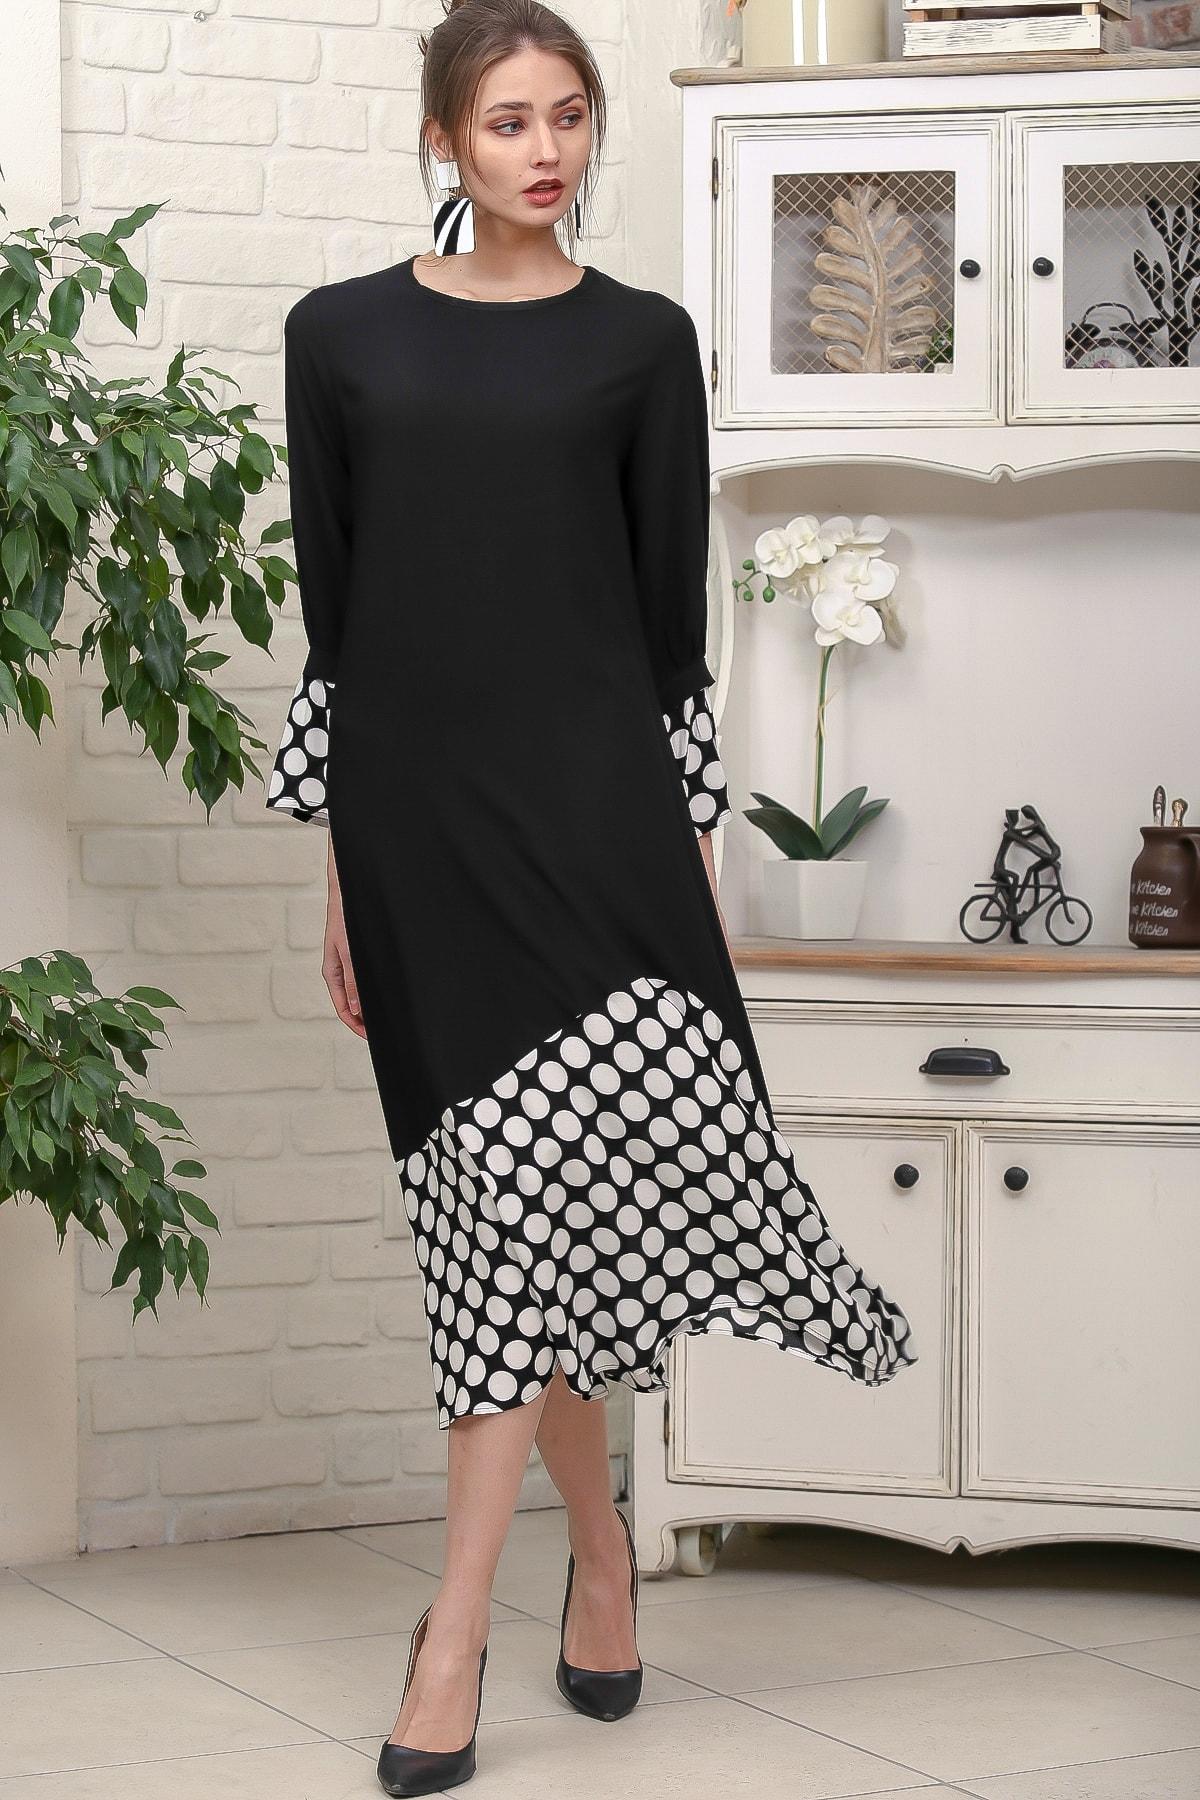 Chiccy Kadın Siyah Sıfır Yaka Puantiye Etek Ucu Bloklu 3/4 Kol Elbise M10160000EL95895 0